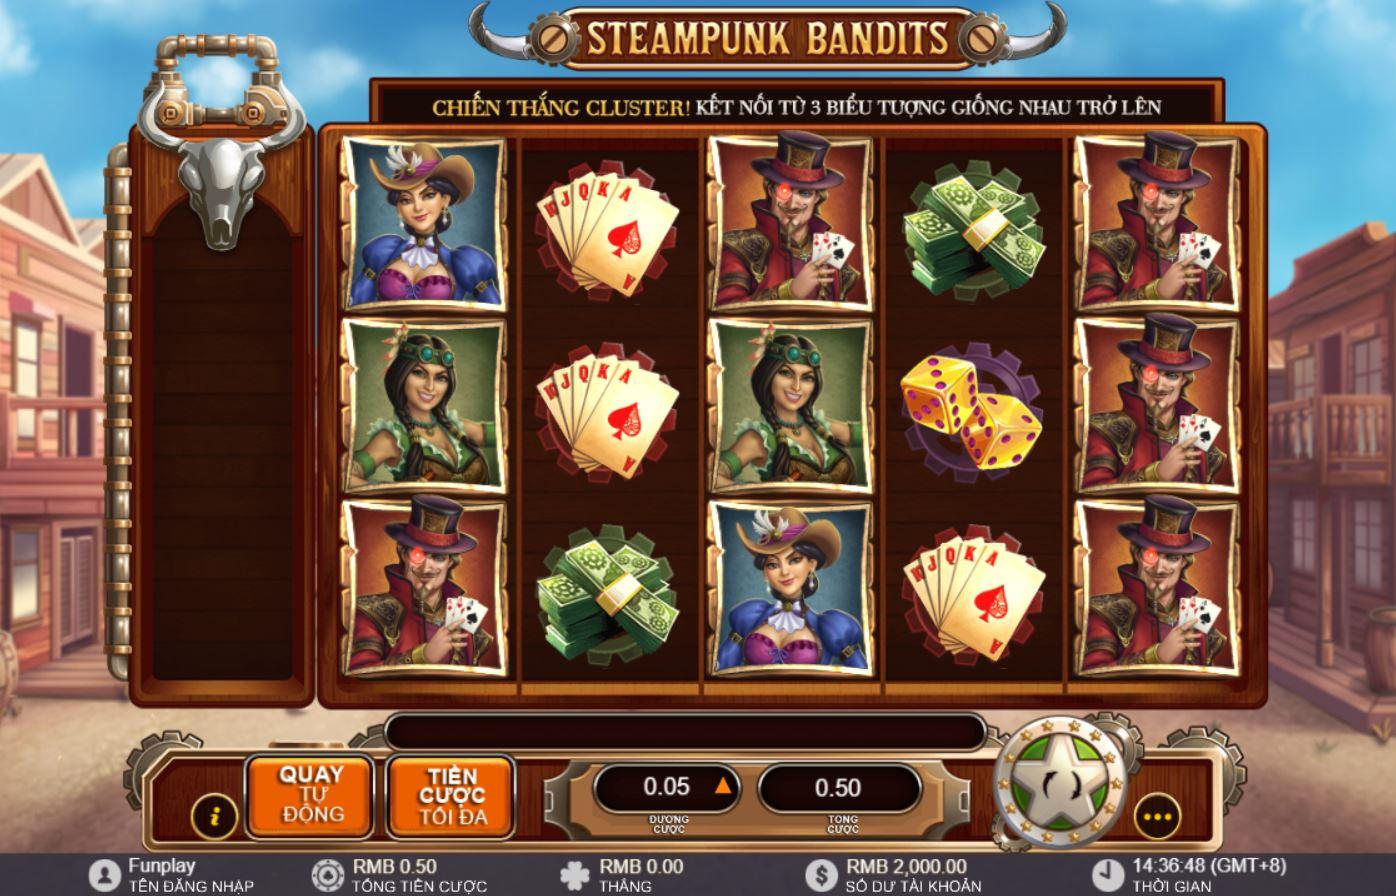 Giới thiệu những tính năng và cách chơi game quay hũ Steampunk Bandits